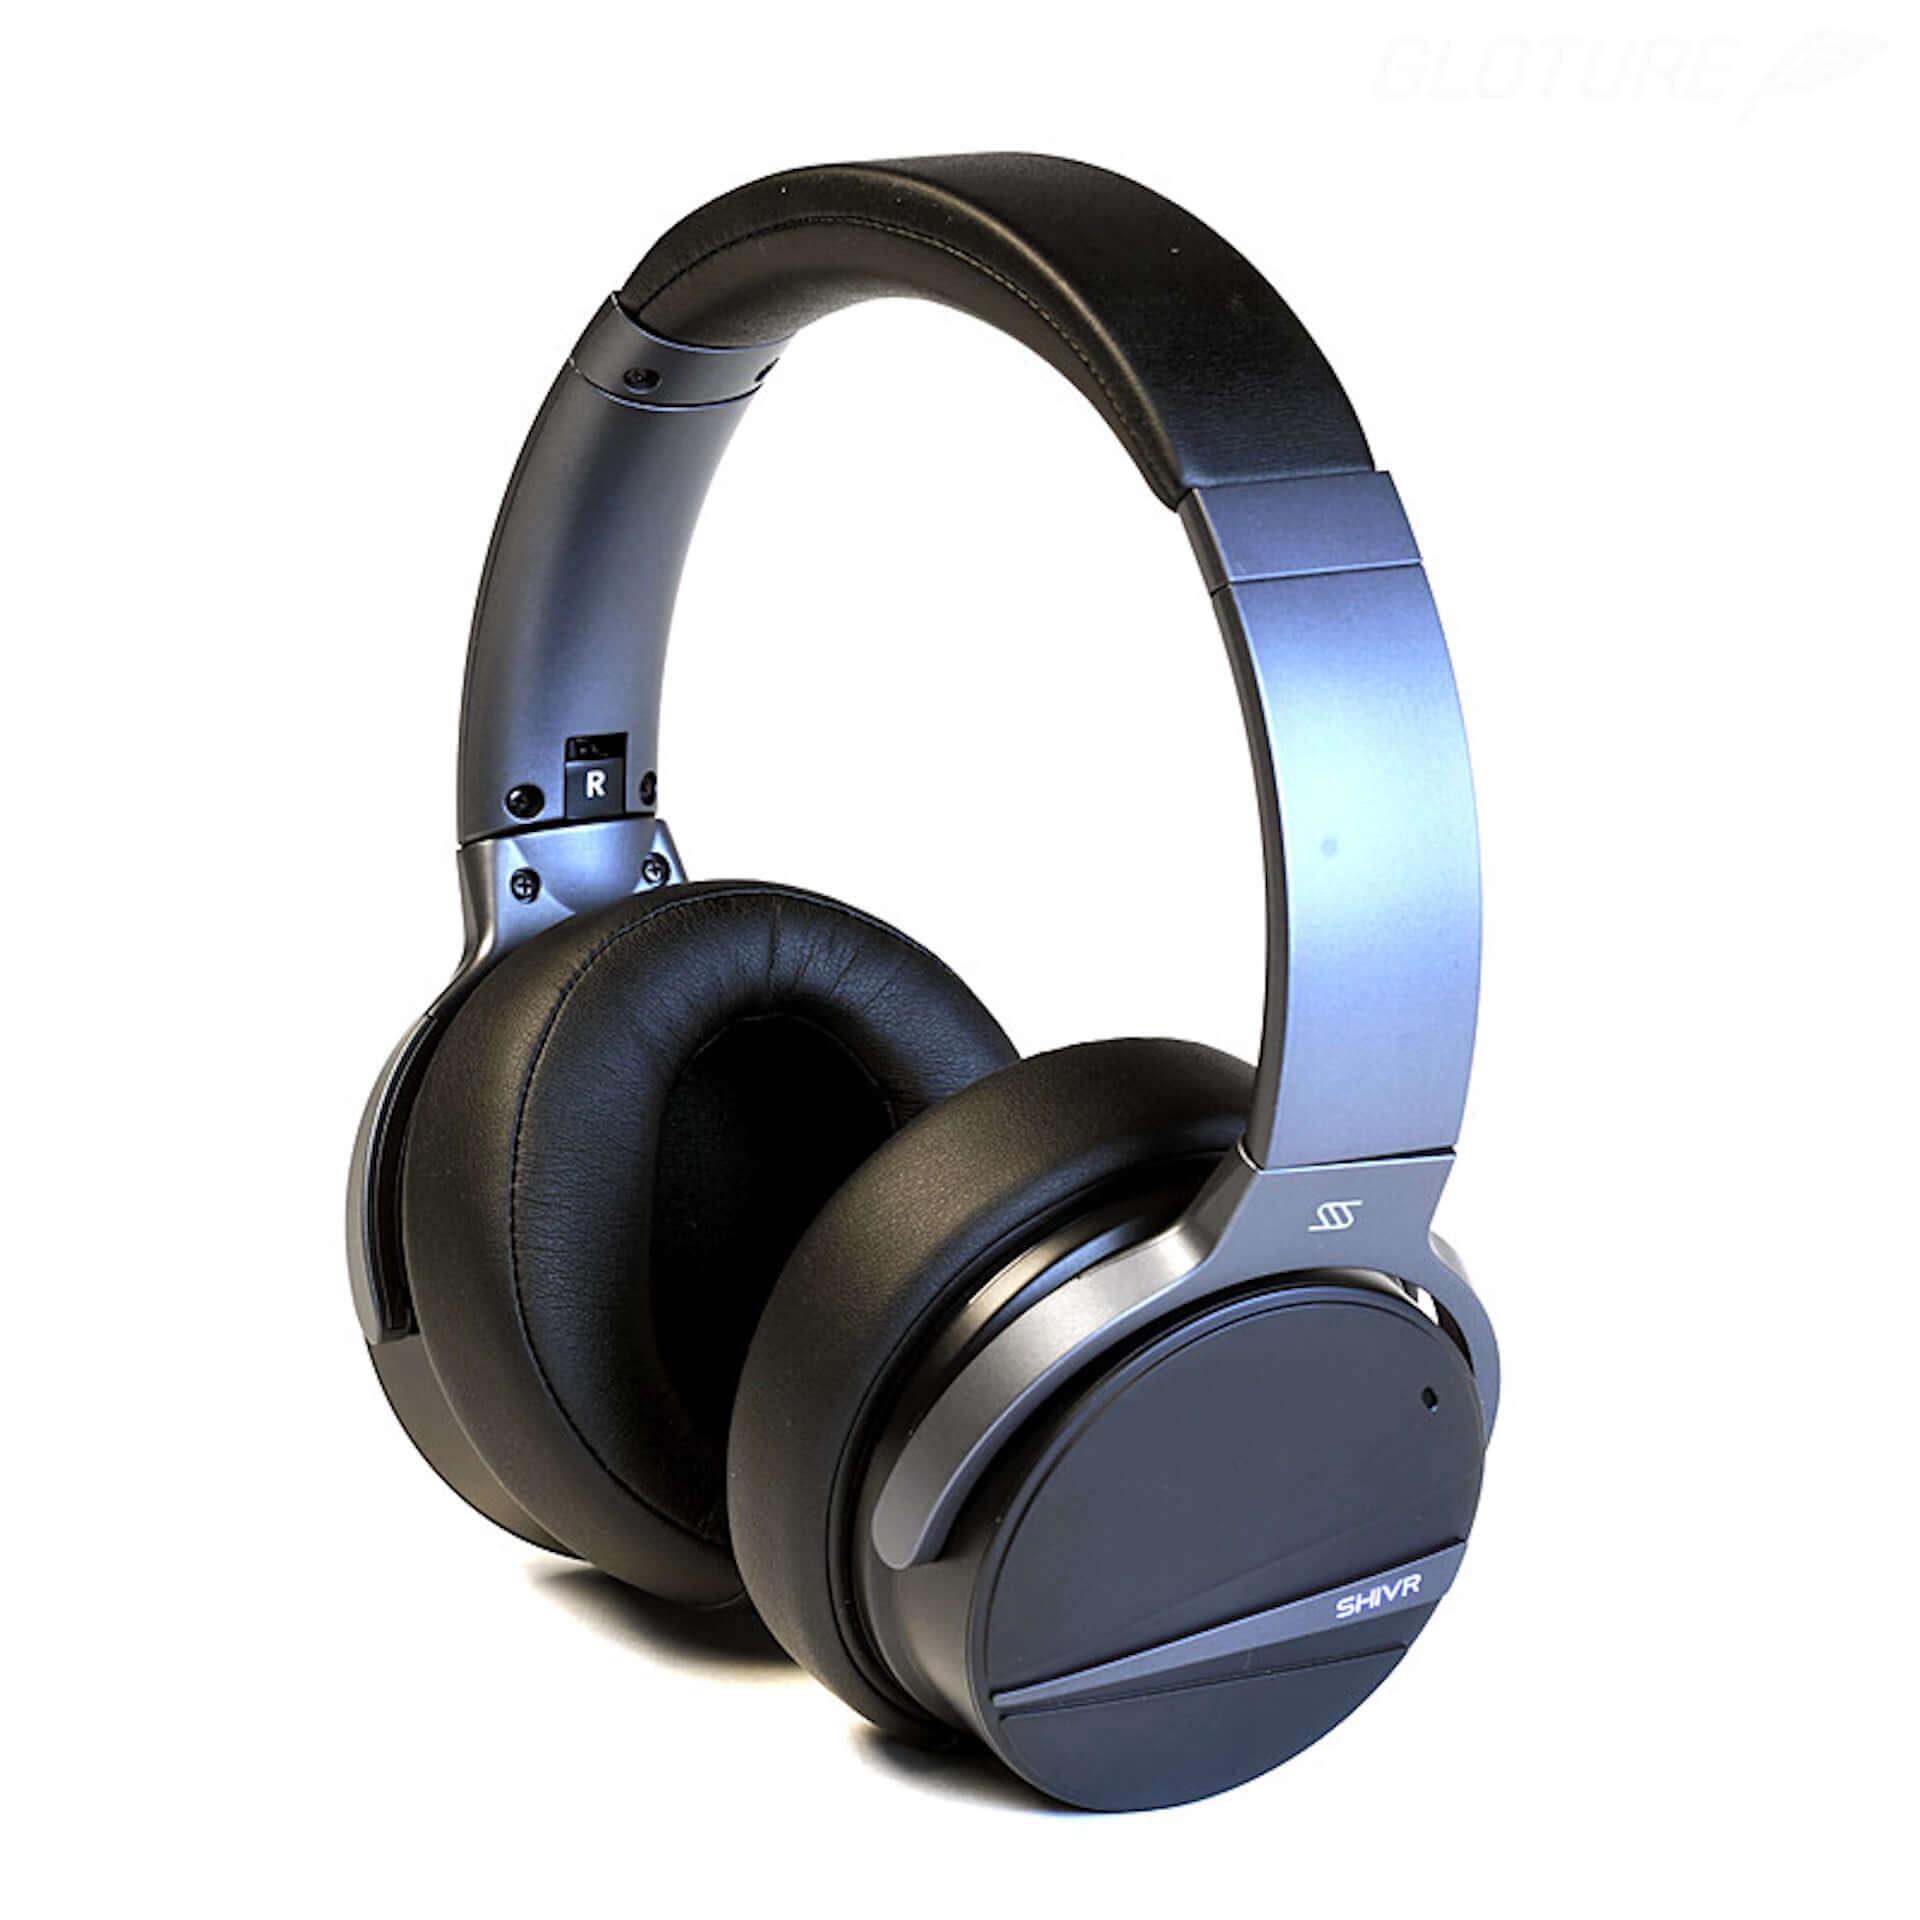 音の方向・距離まで感じる!?現実世界に近い迫力サウンドを体感できるワイヤレスヘッドフォンが登場 tech191007shivr_0010-1920x1920